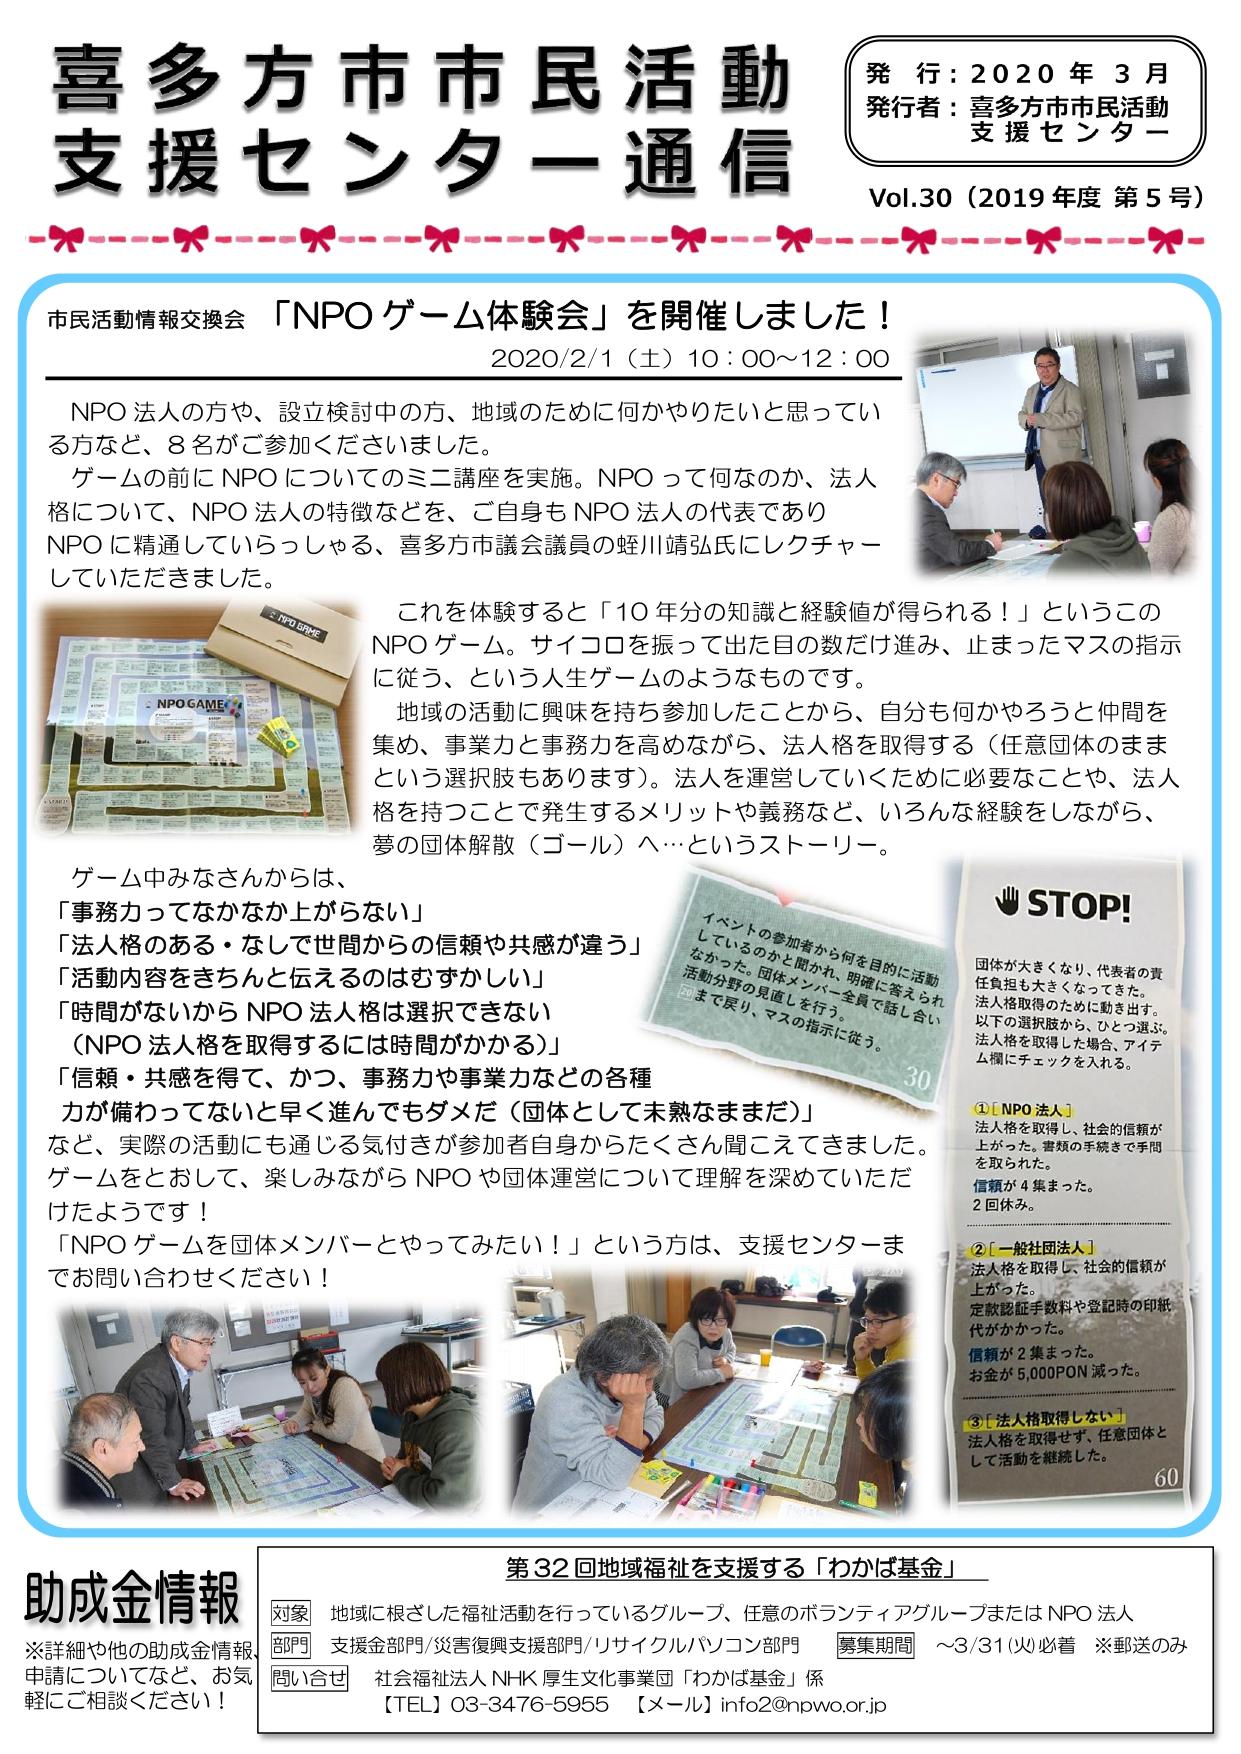 喜多方市市民活動支援センター通信 2019年度第5号(Vol.30)